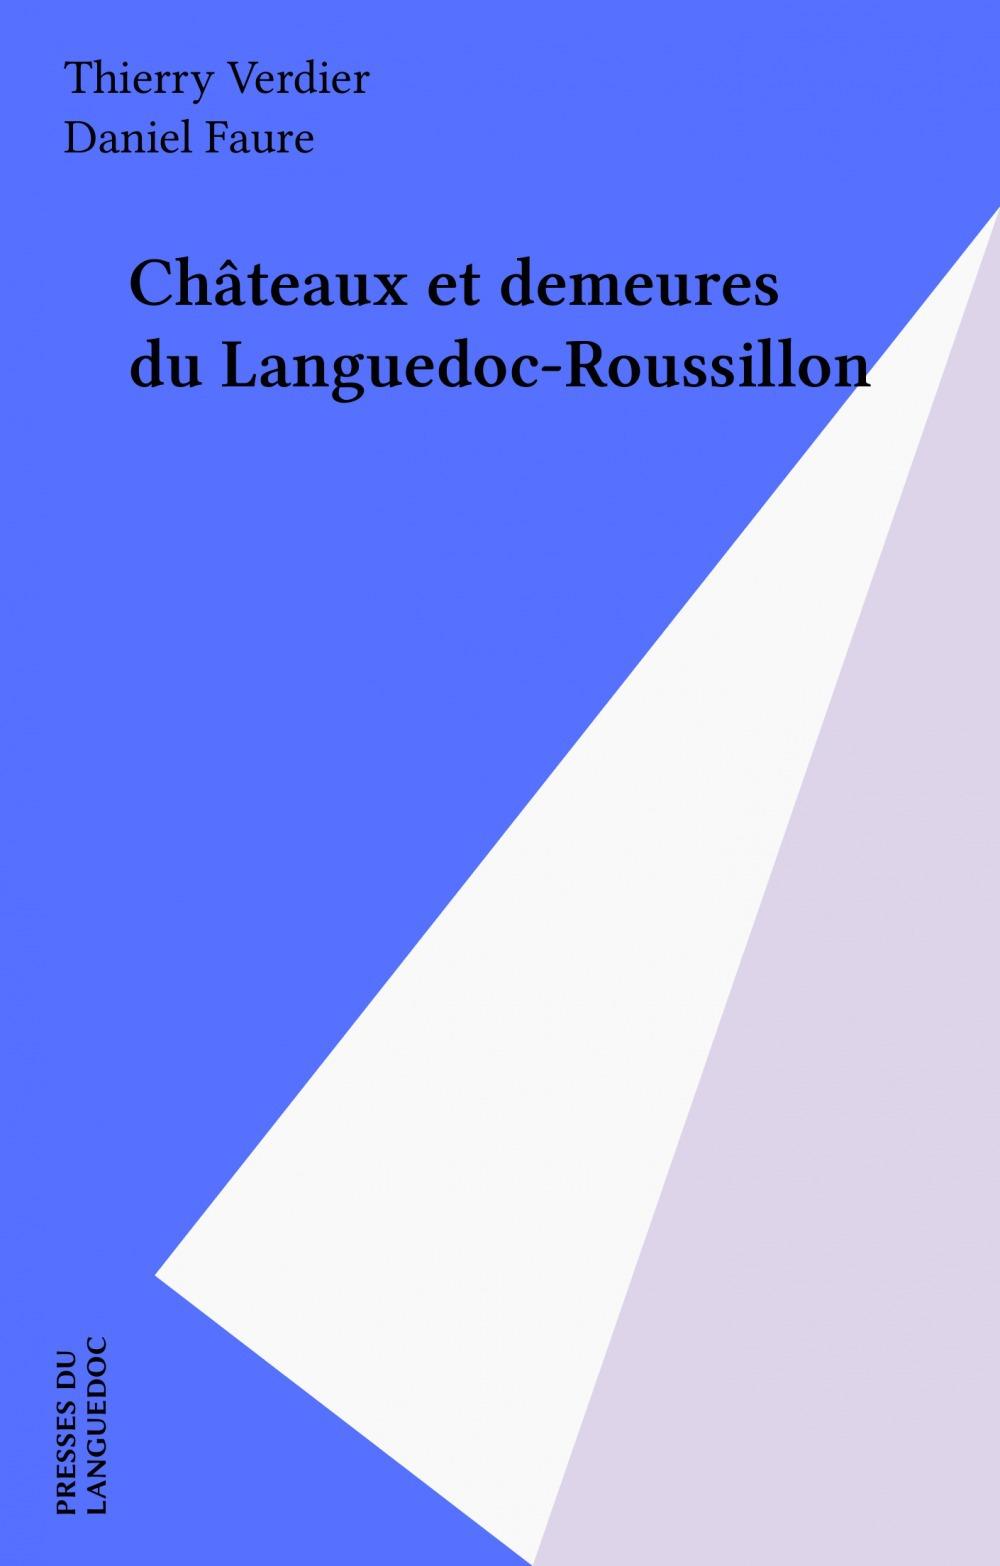 Châteaux et demeures du Languedoc-Roussillon